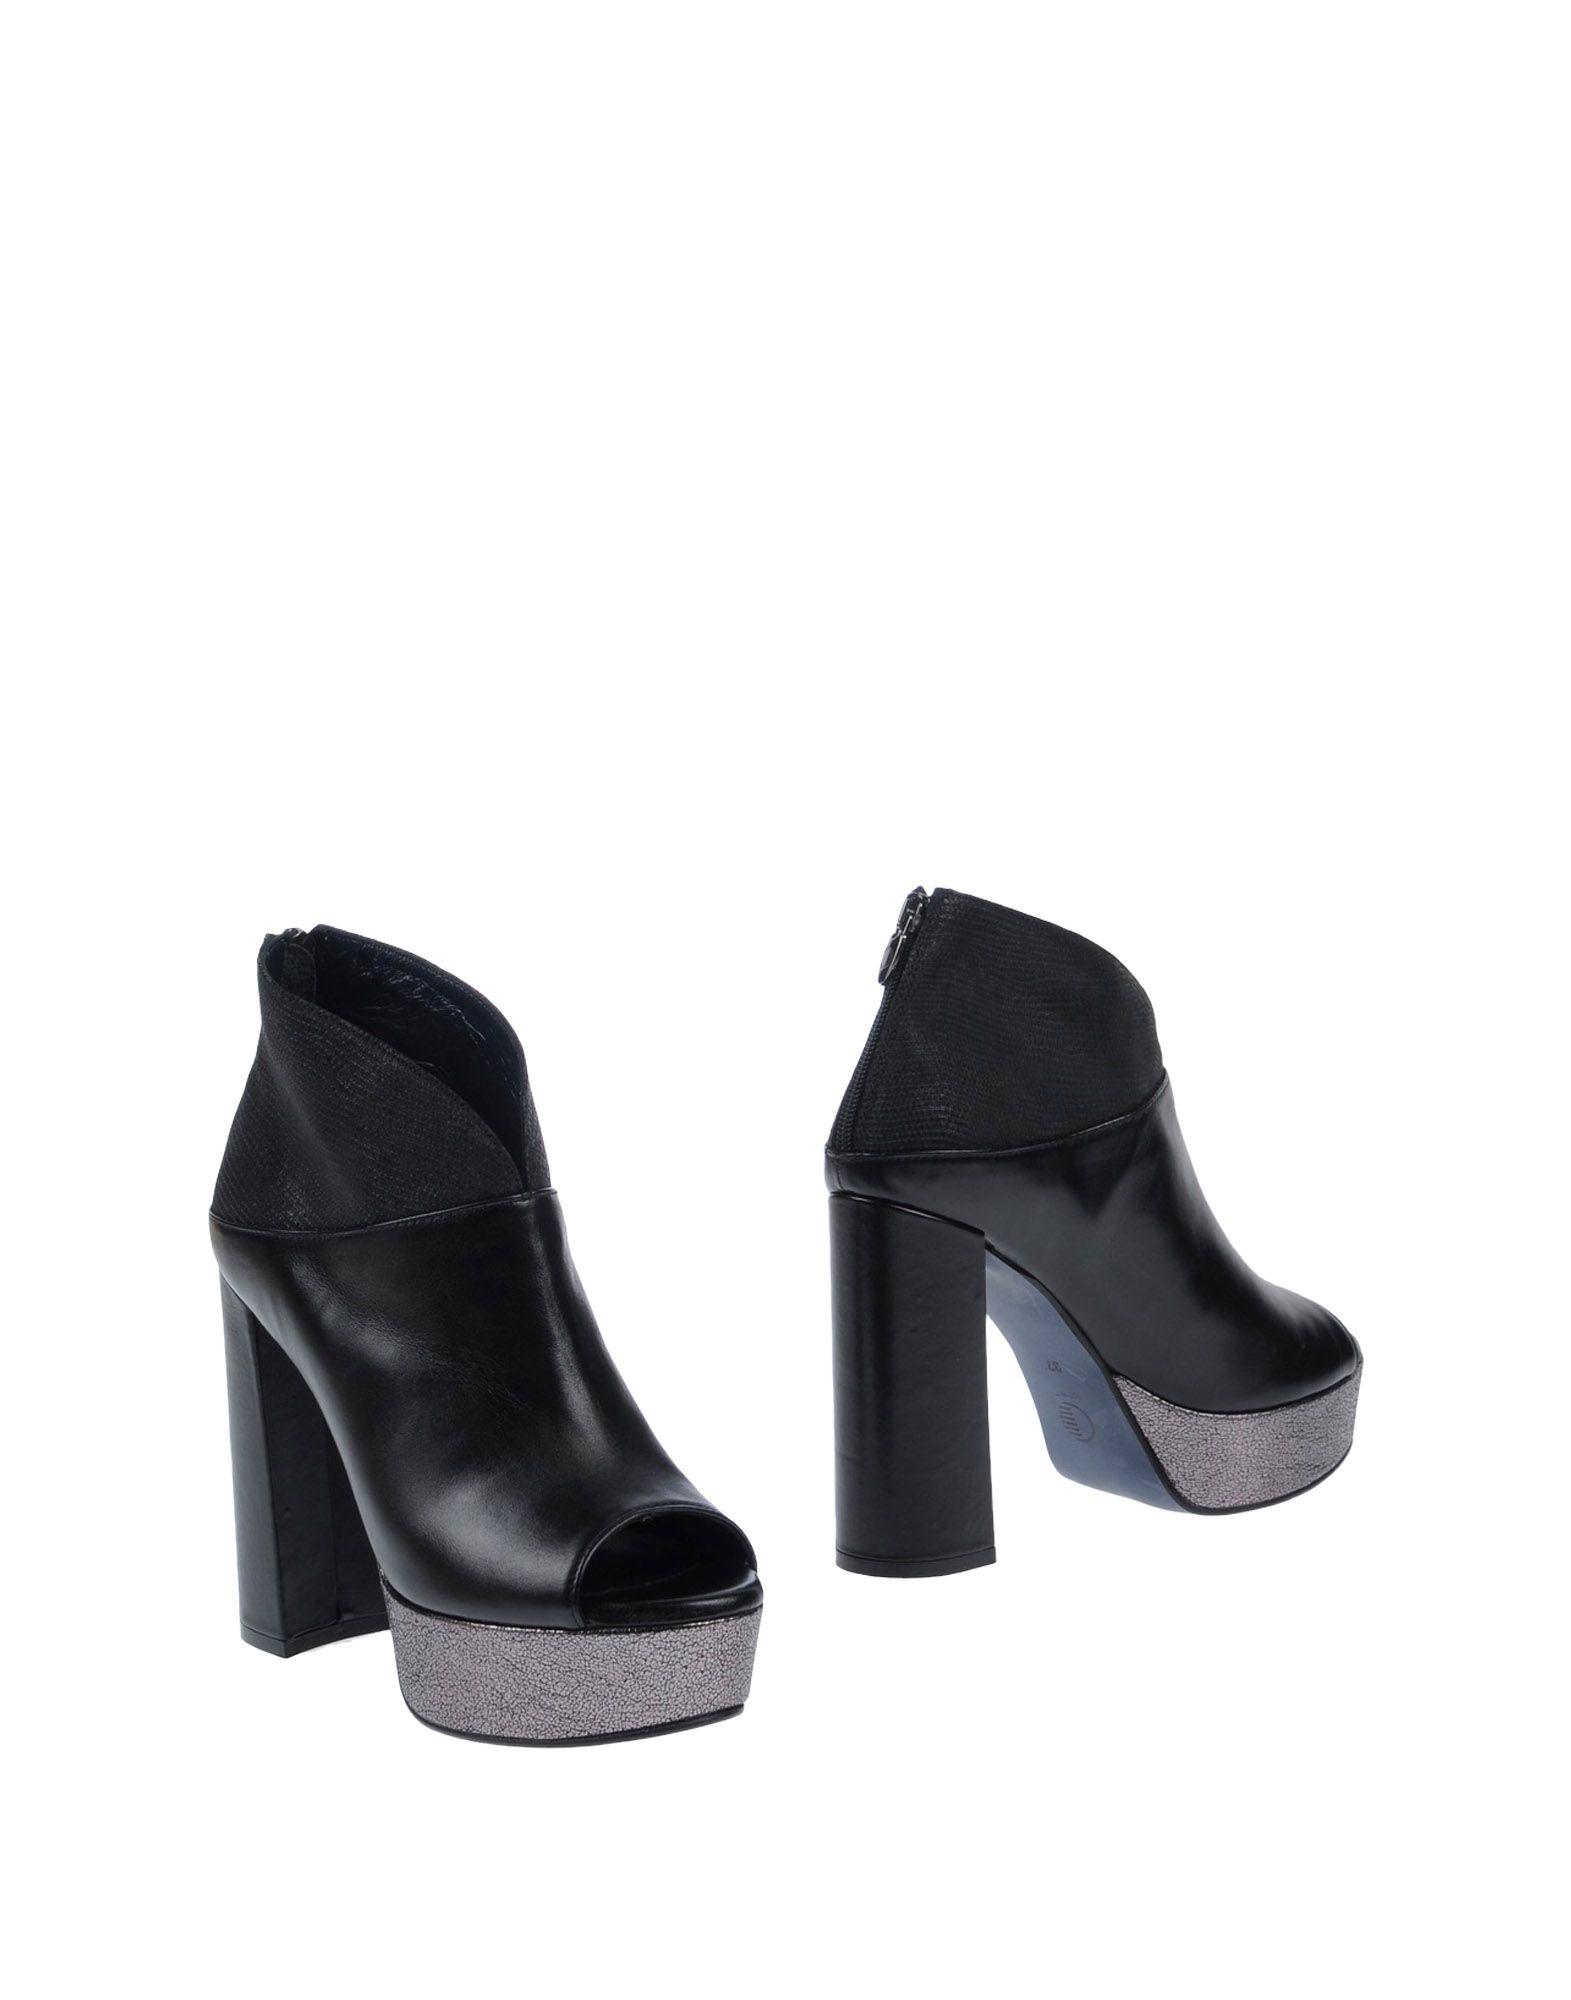 Andrea Pinto Stiefelette Damen strapazierfähige  11506397ECGut aussehende strapazierfähige Damen Schuhe 807f71